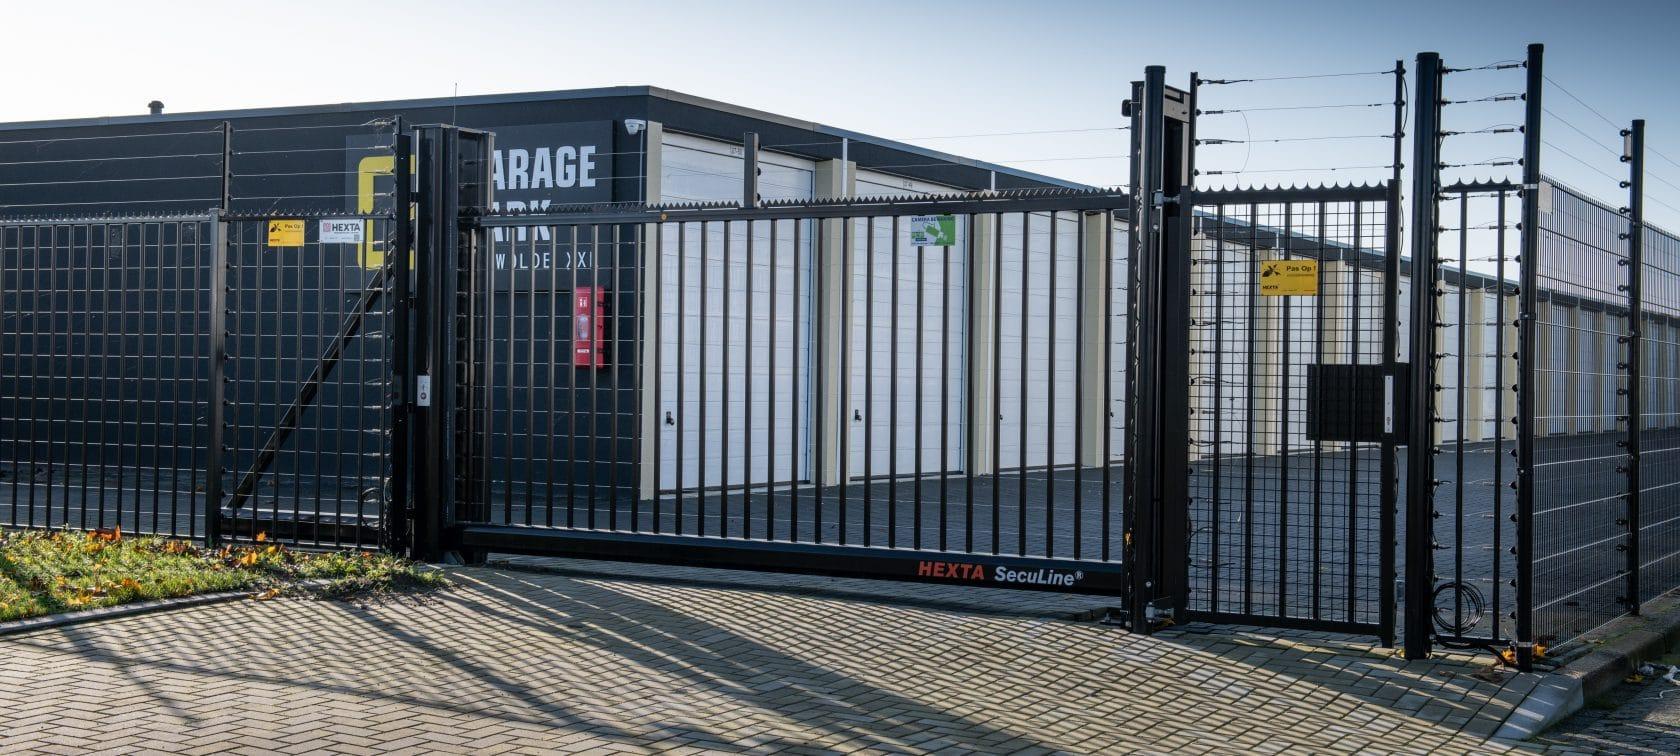 GaragePark Zeewolde XXL 2